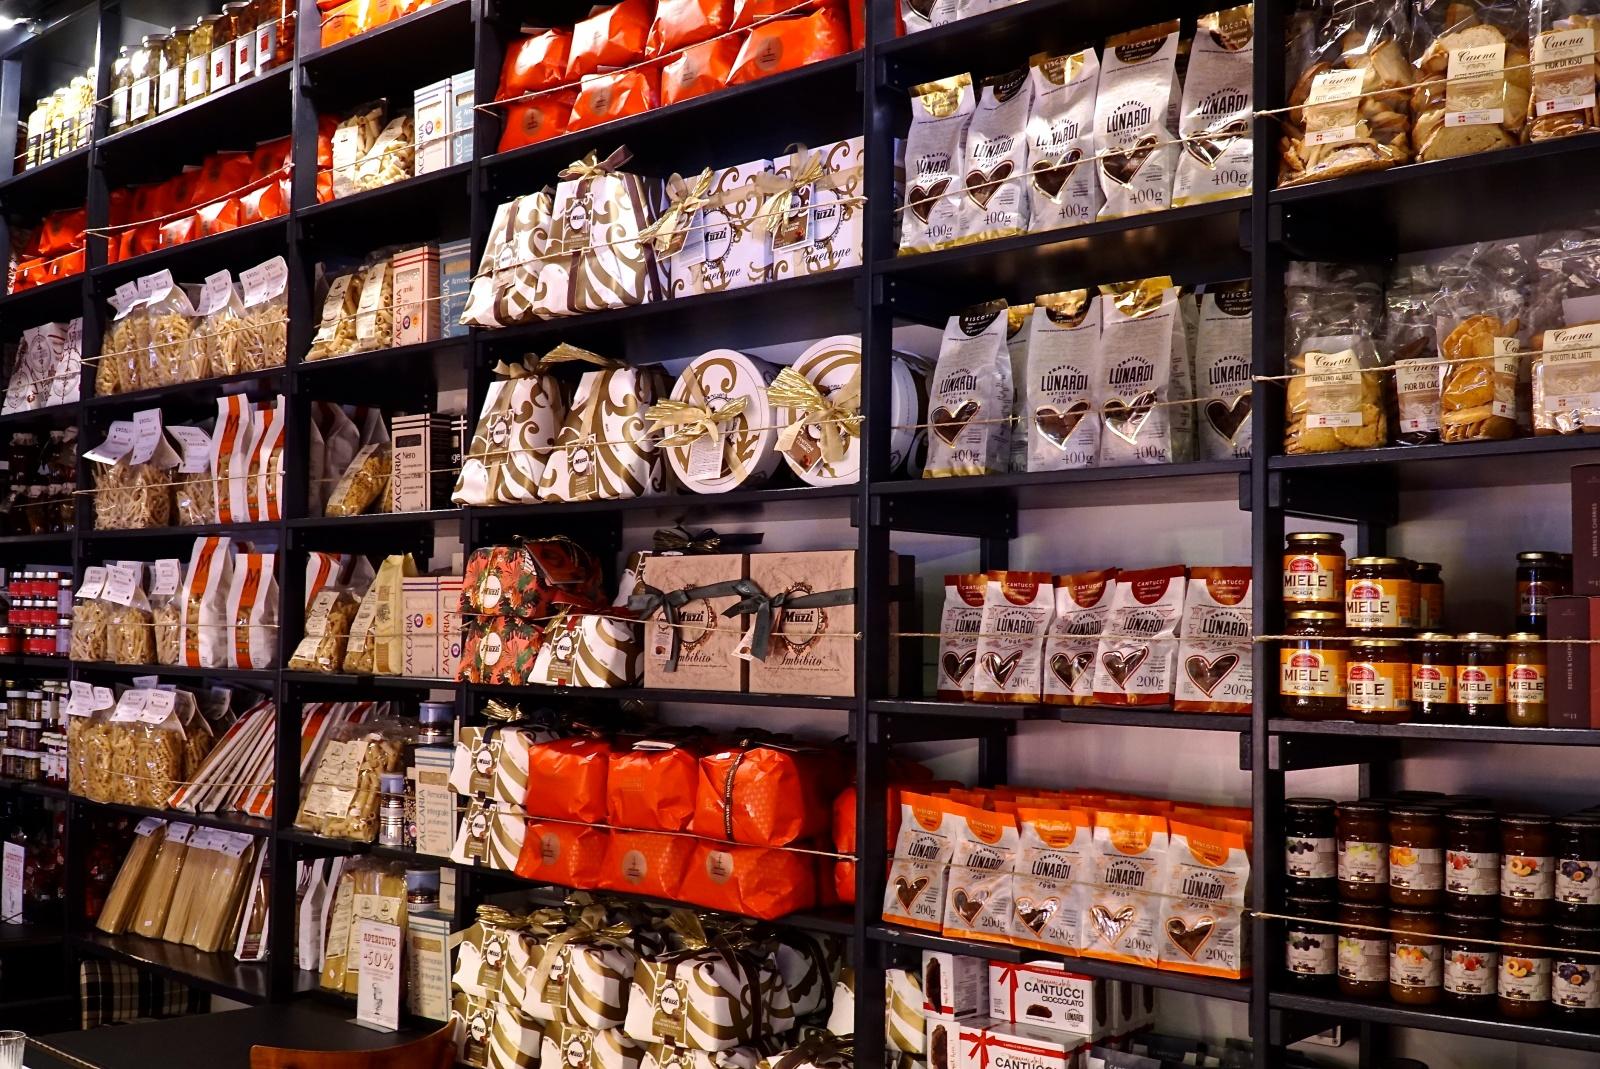 esposizione prodotti da ercoli roma per cesti natalizi